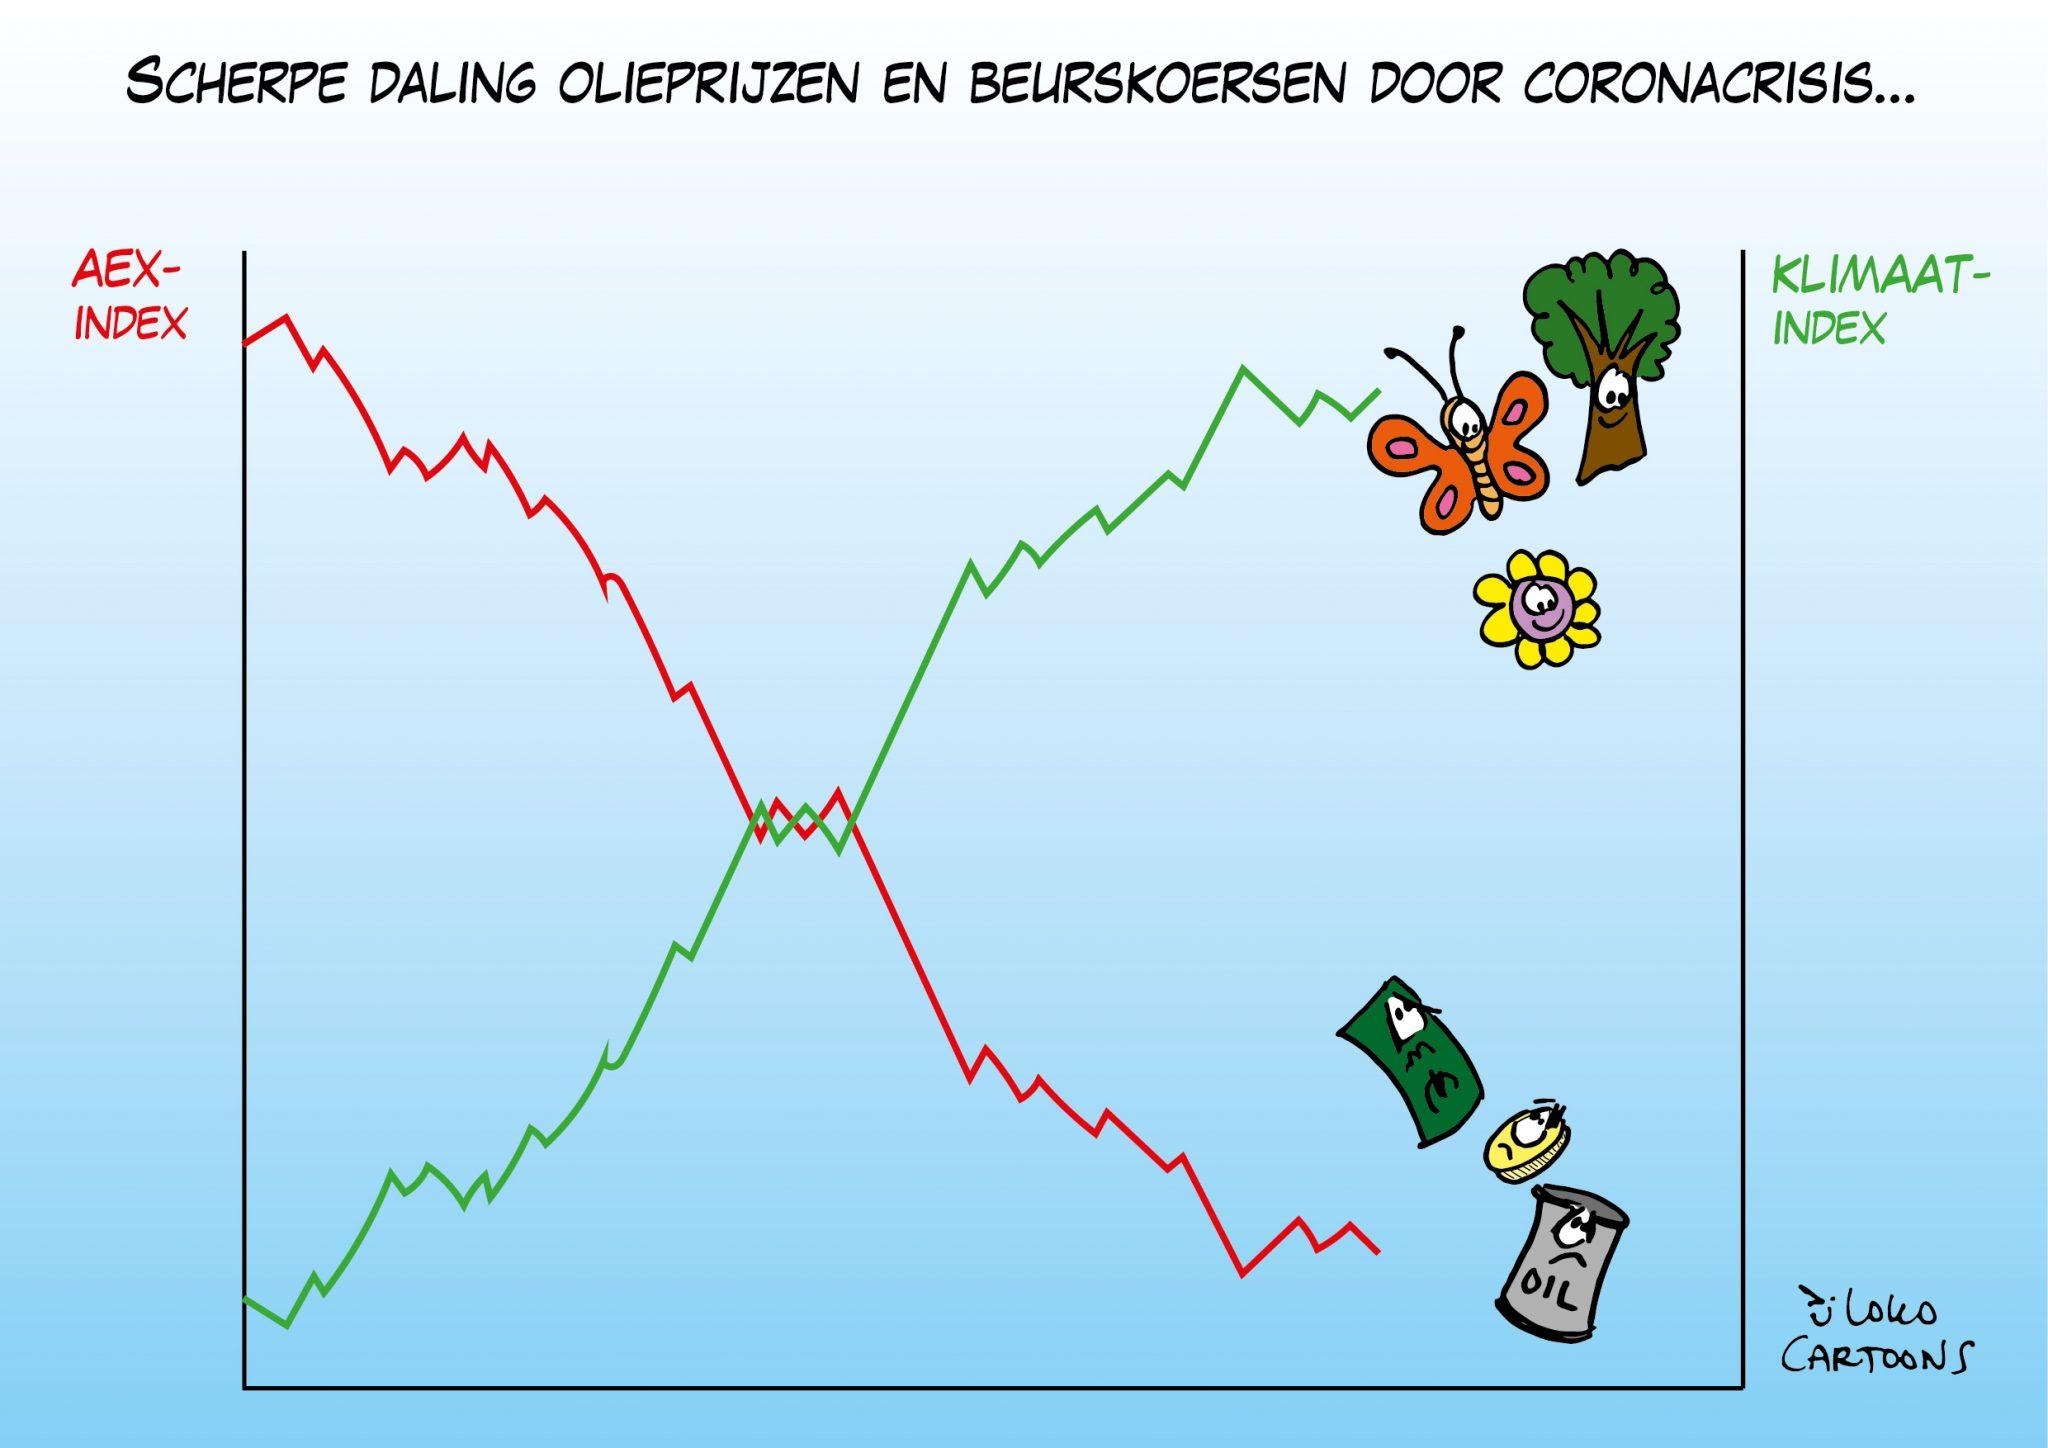 Scherpe daling olieprijzen en beurskoersen door coronacrisis…